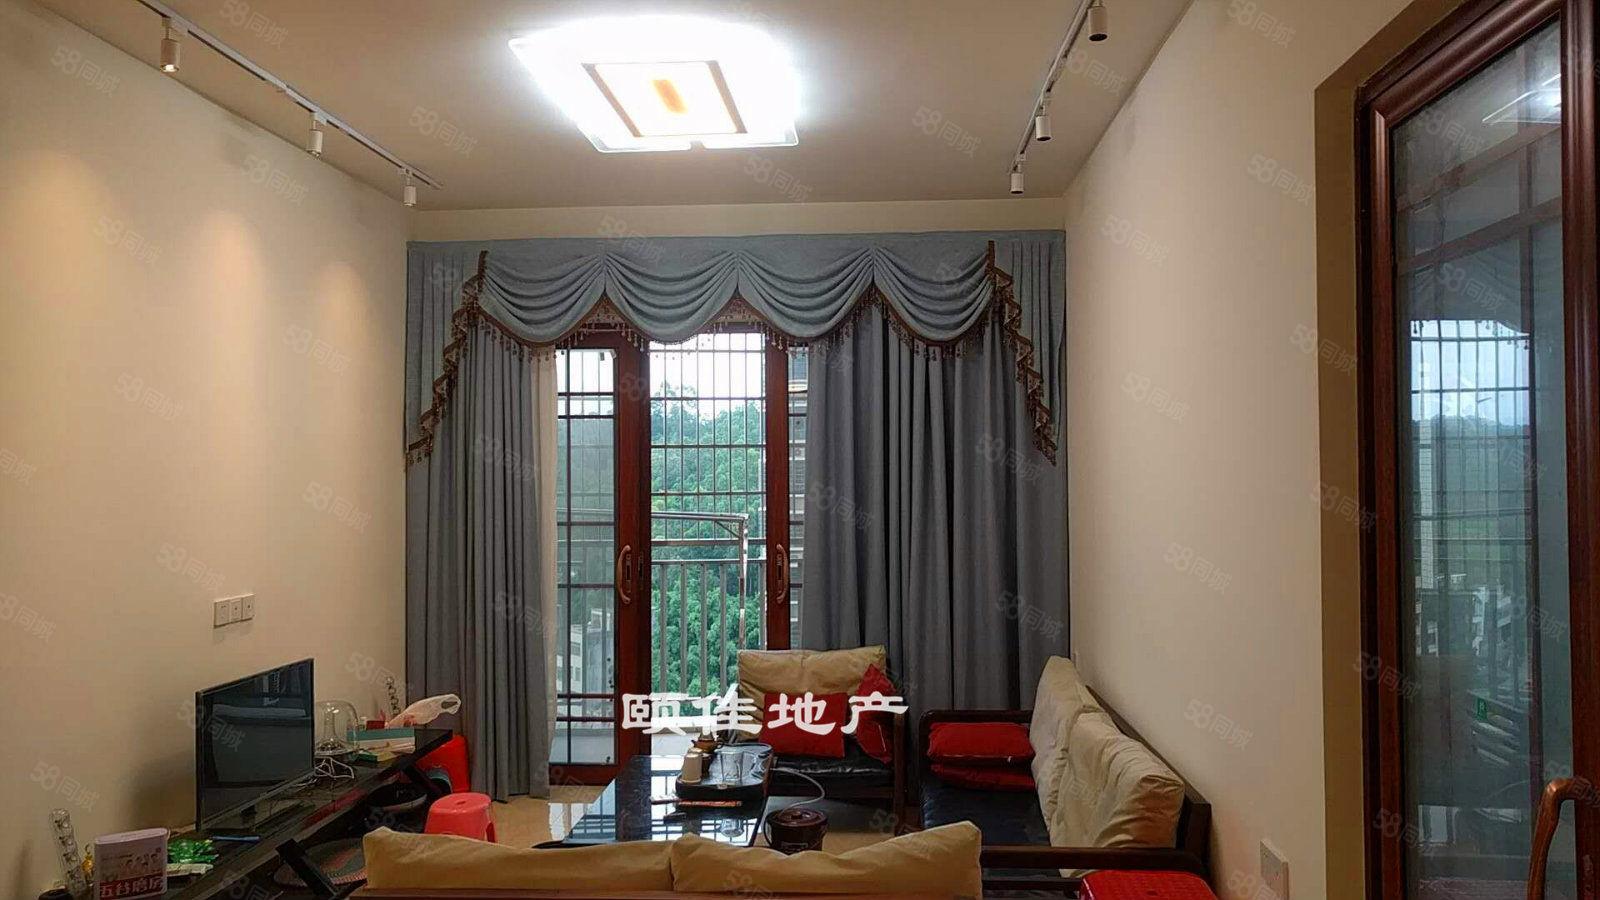 03世紀陽光高層精裝現房,南北通透,視野開闊,休閑生活品質